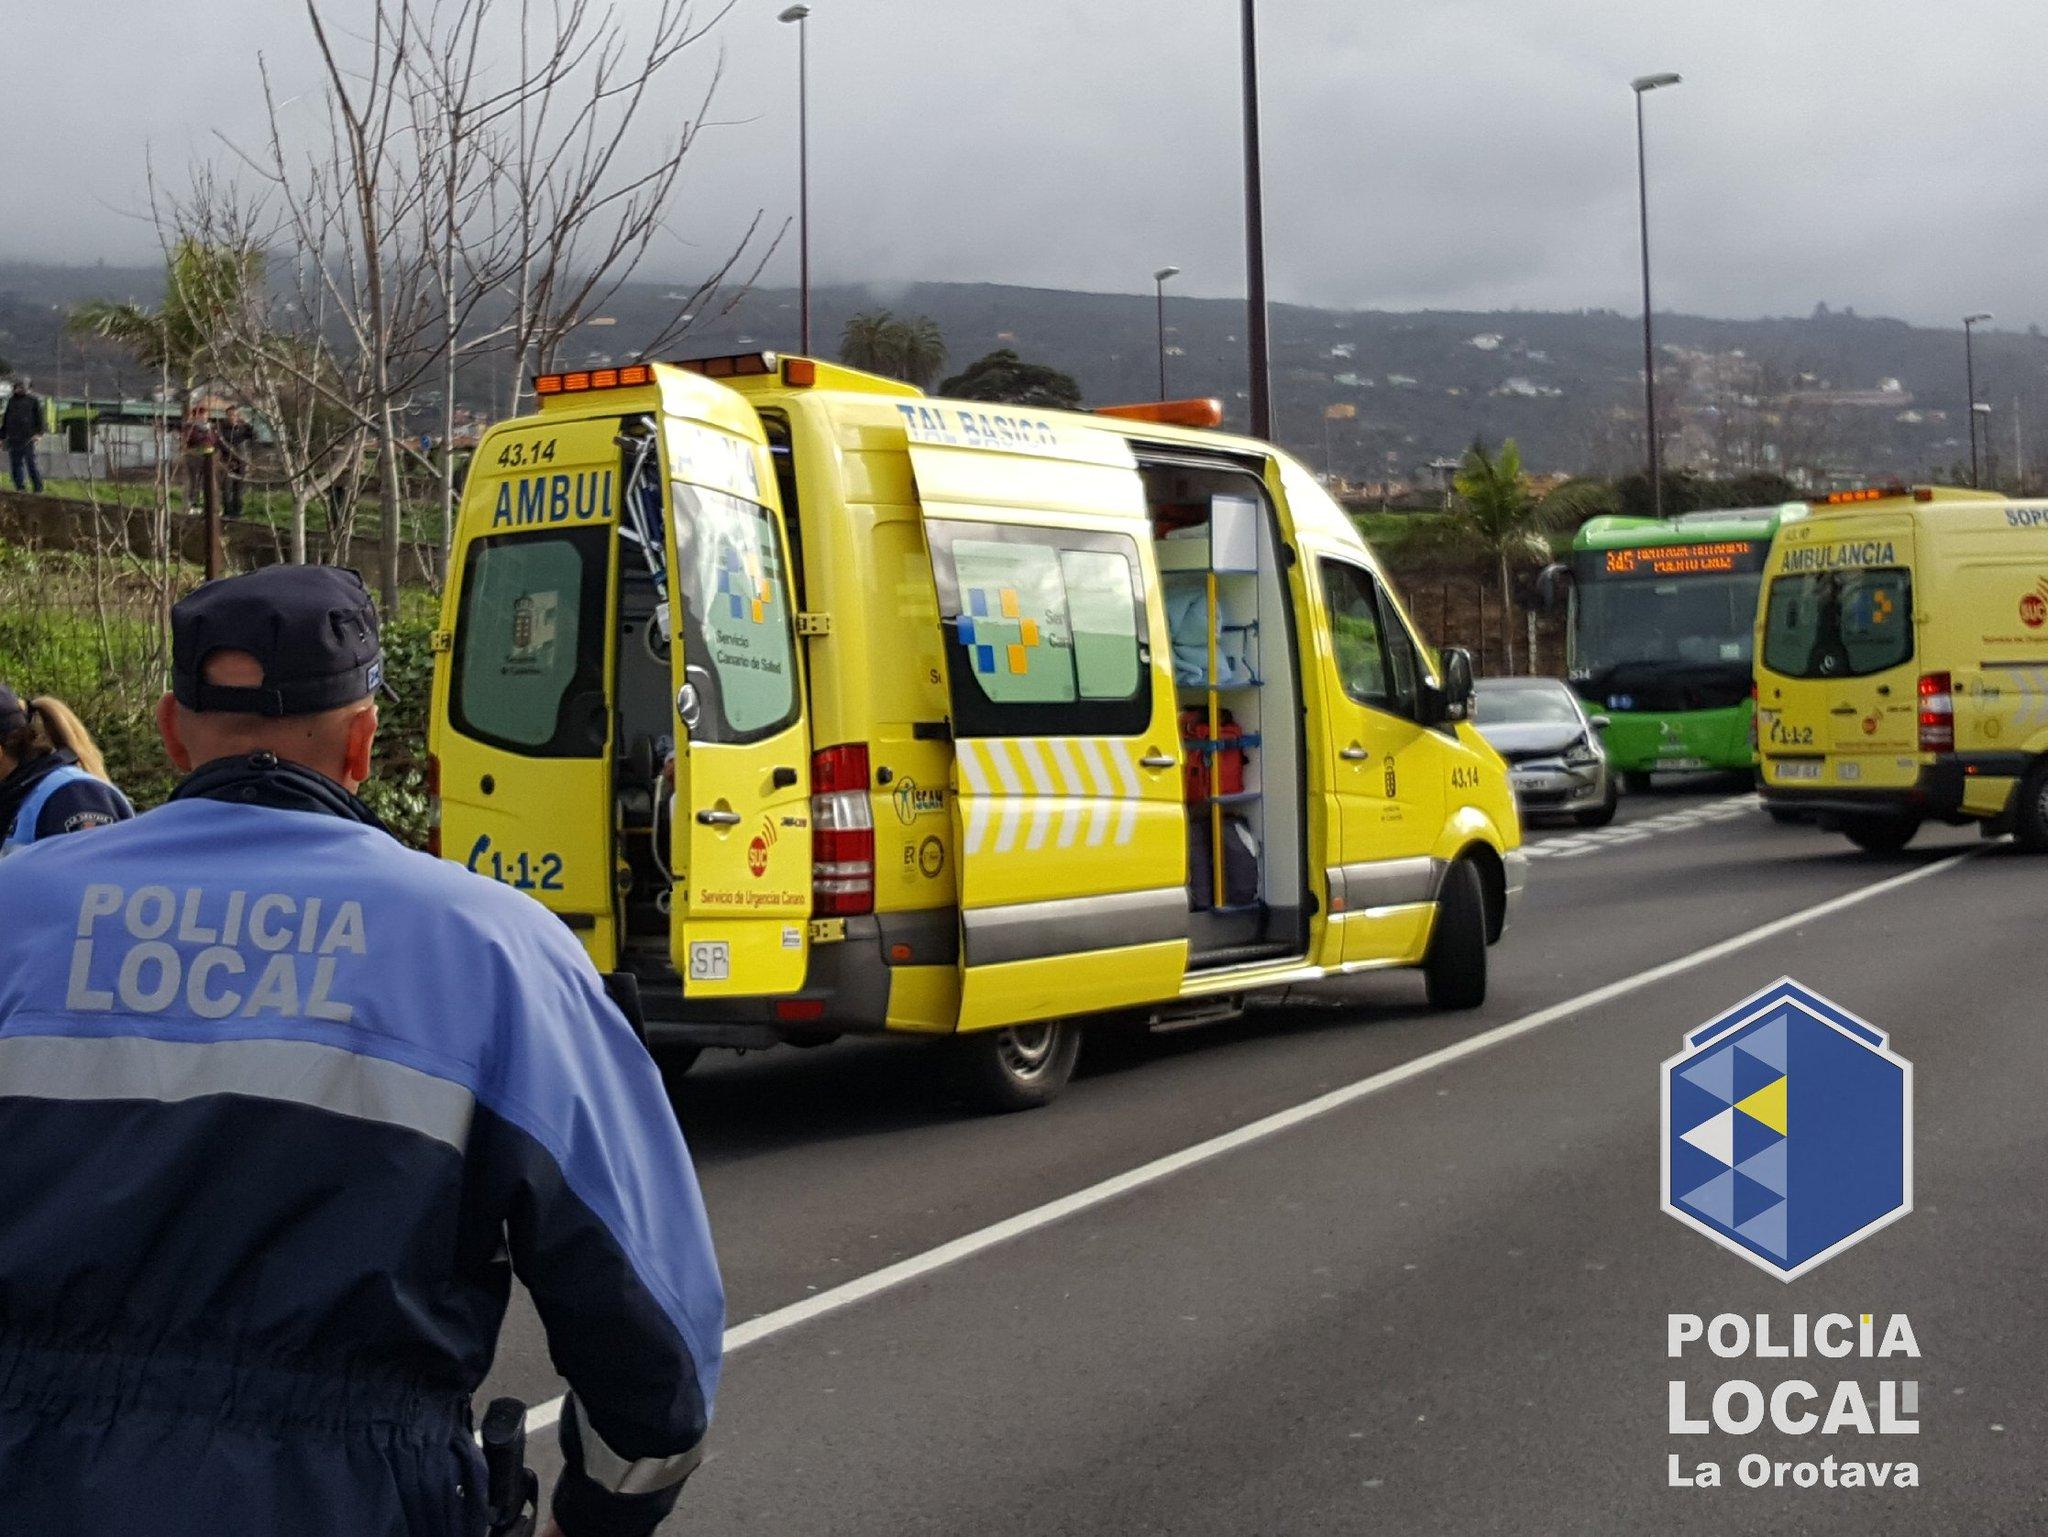 Imagen del accidente. / Área de Seguridad de La Orotava